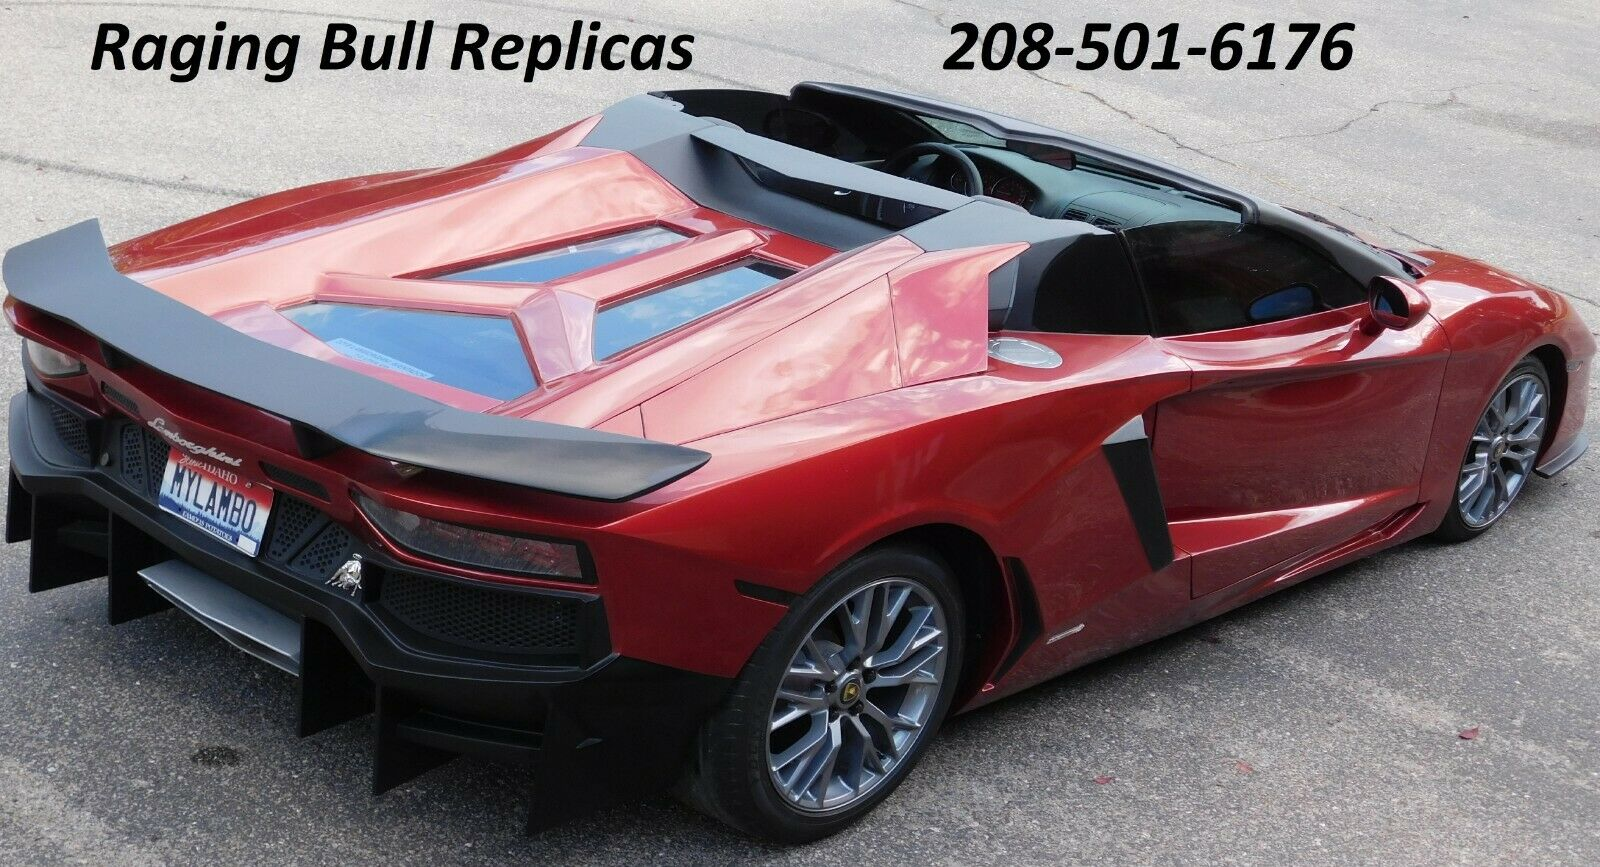 Лимитированный суперкар Lamborghini продают по цене нового Прадо